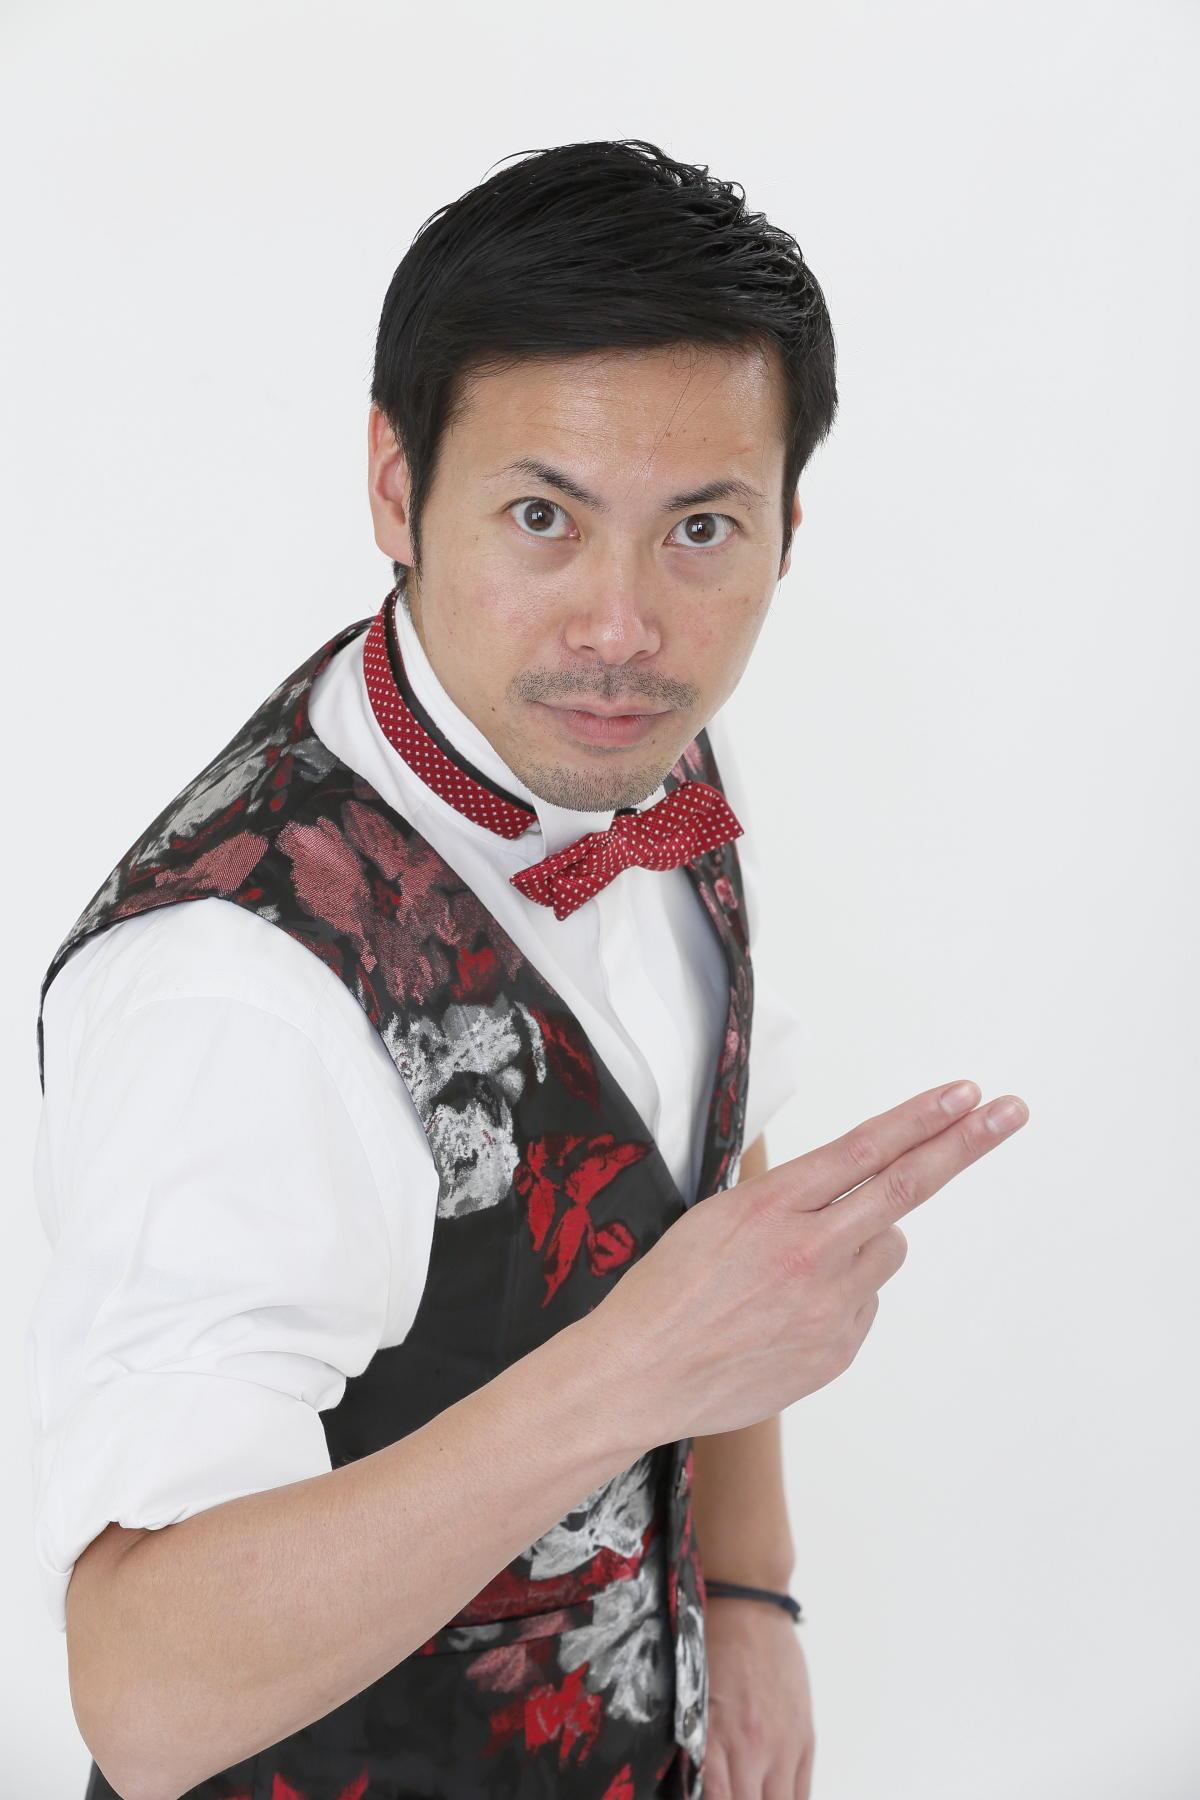 http://news.yoshimoto.co.jp/20170119164337-3dc12169fe58f75c2f7c35af409153f7578ad0b6.jpg